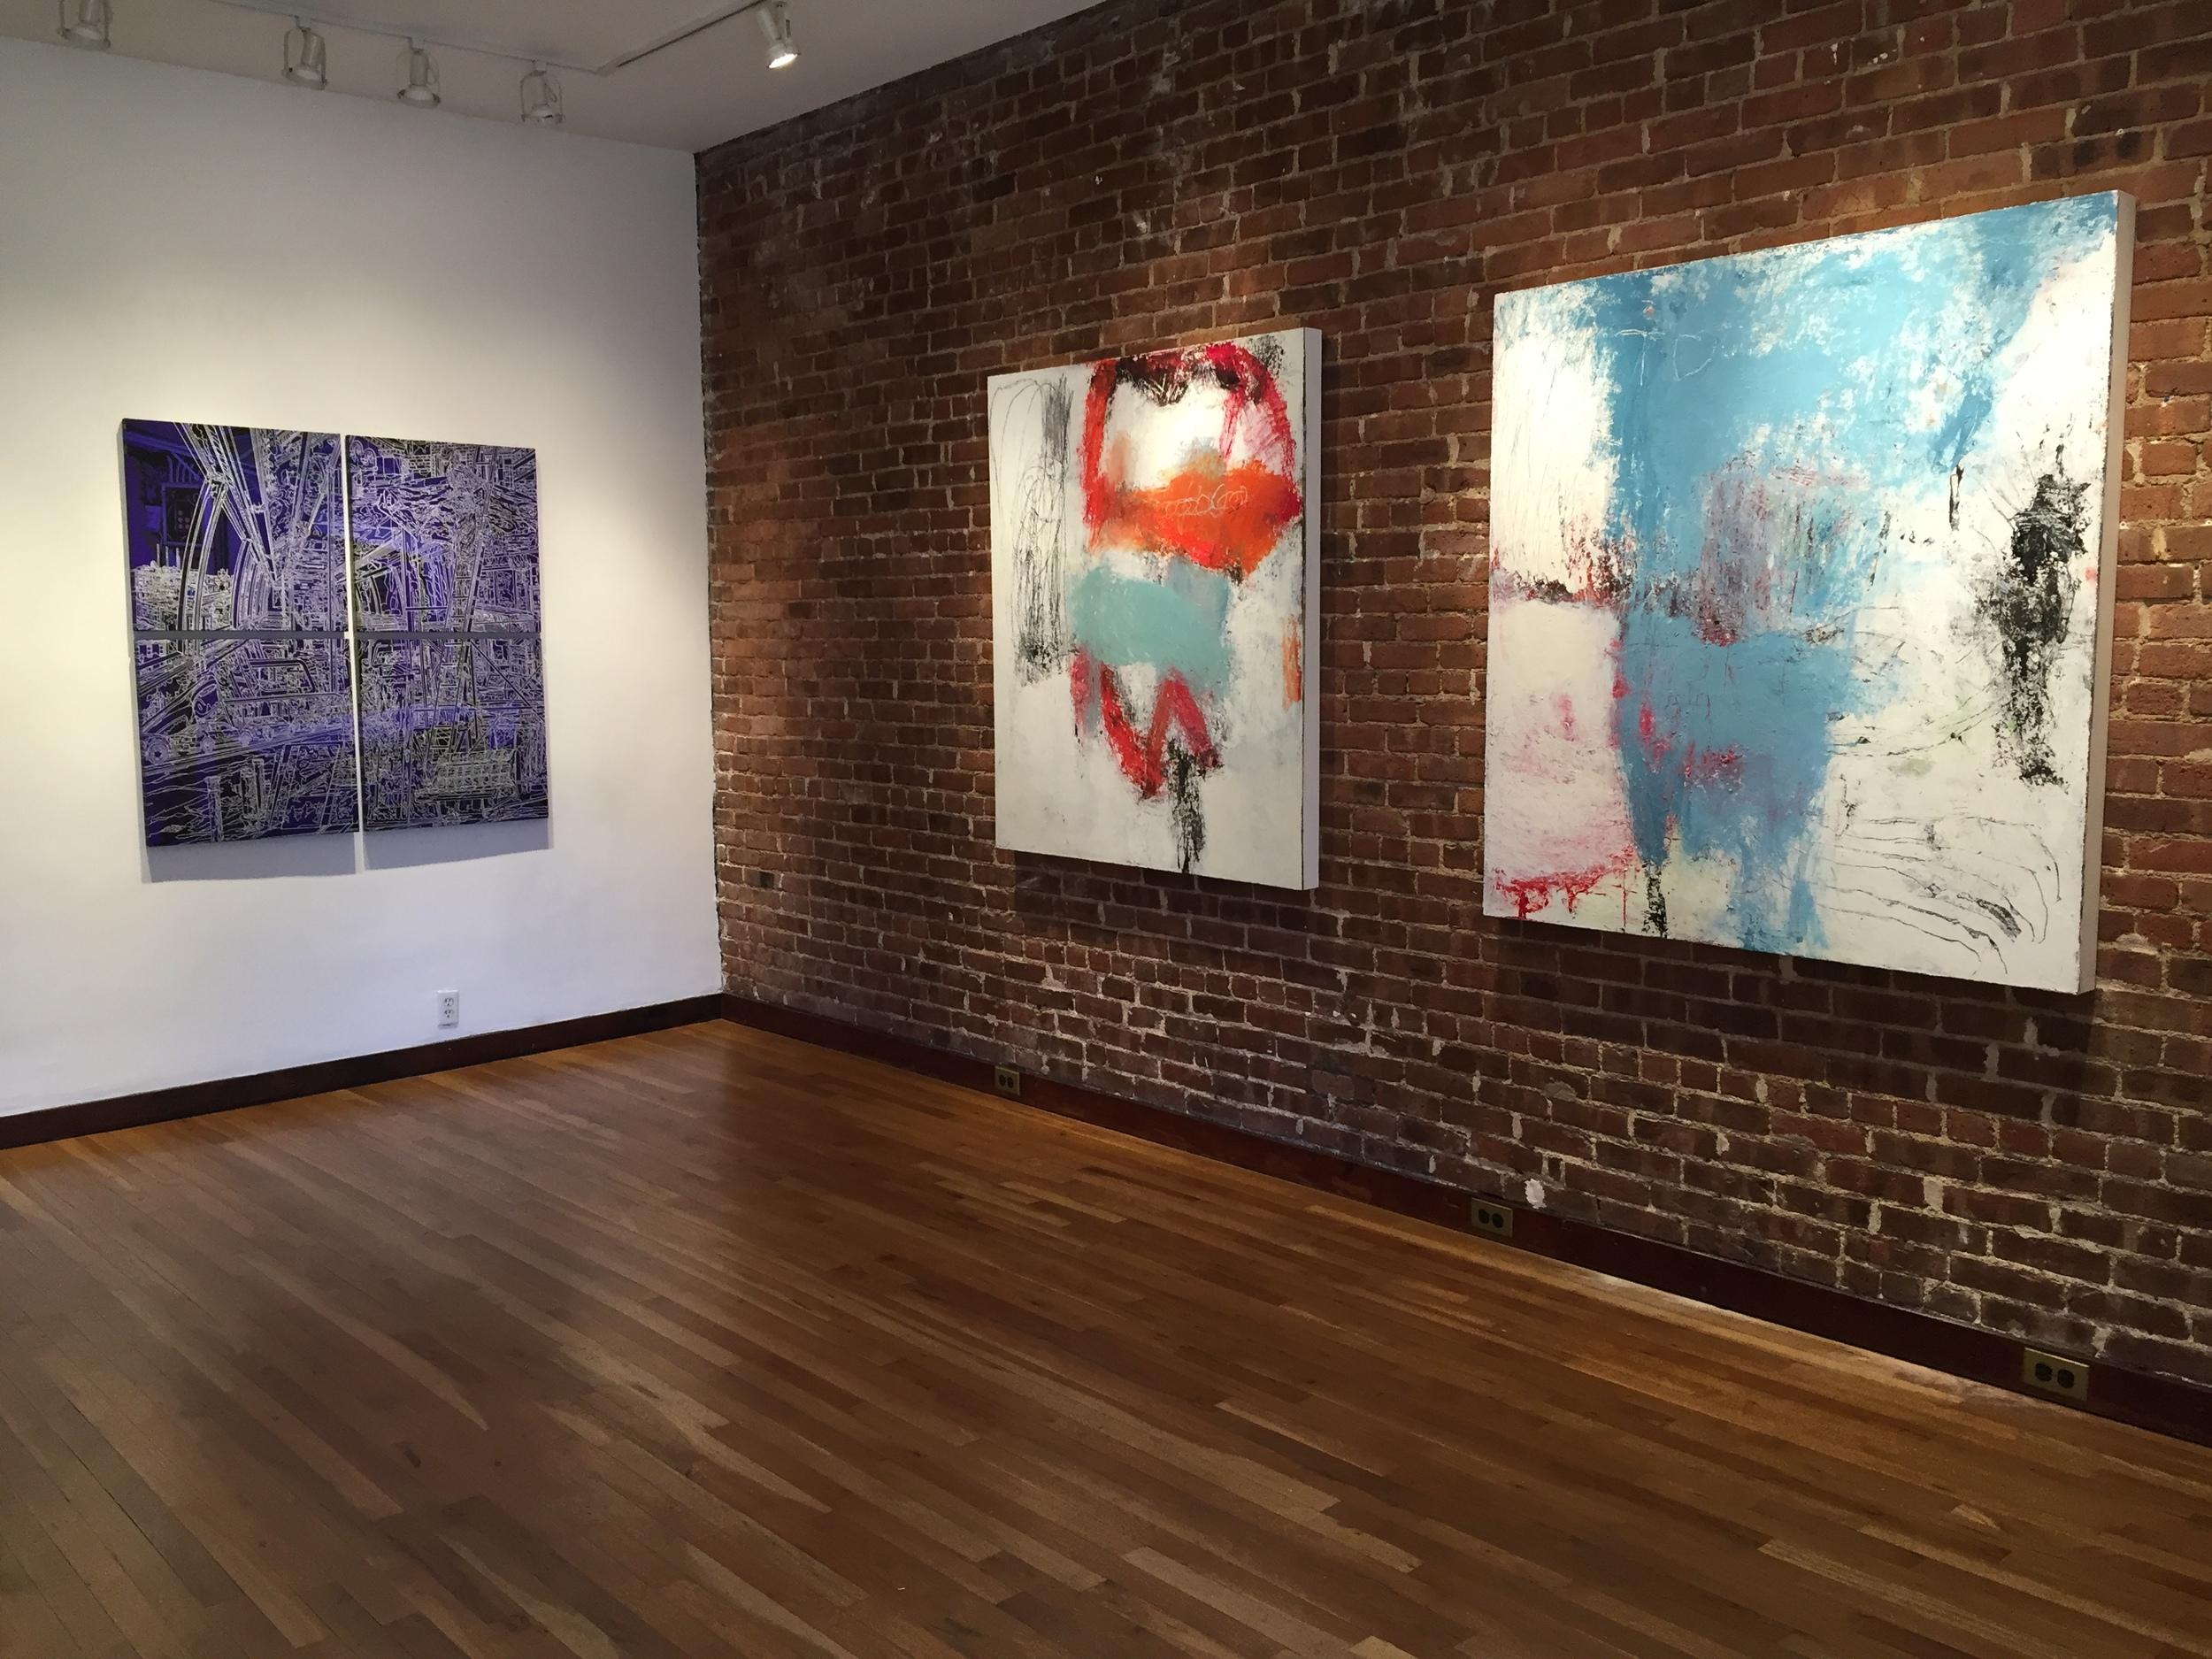 2016 Susan Eley Gallery NYC